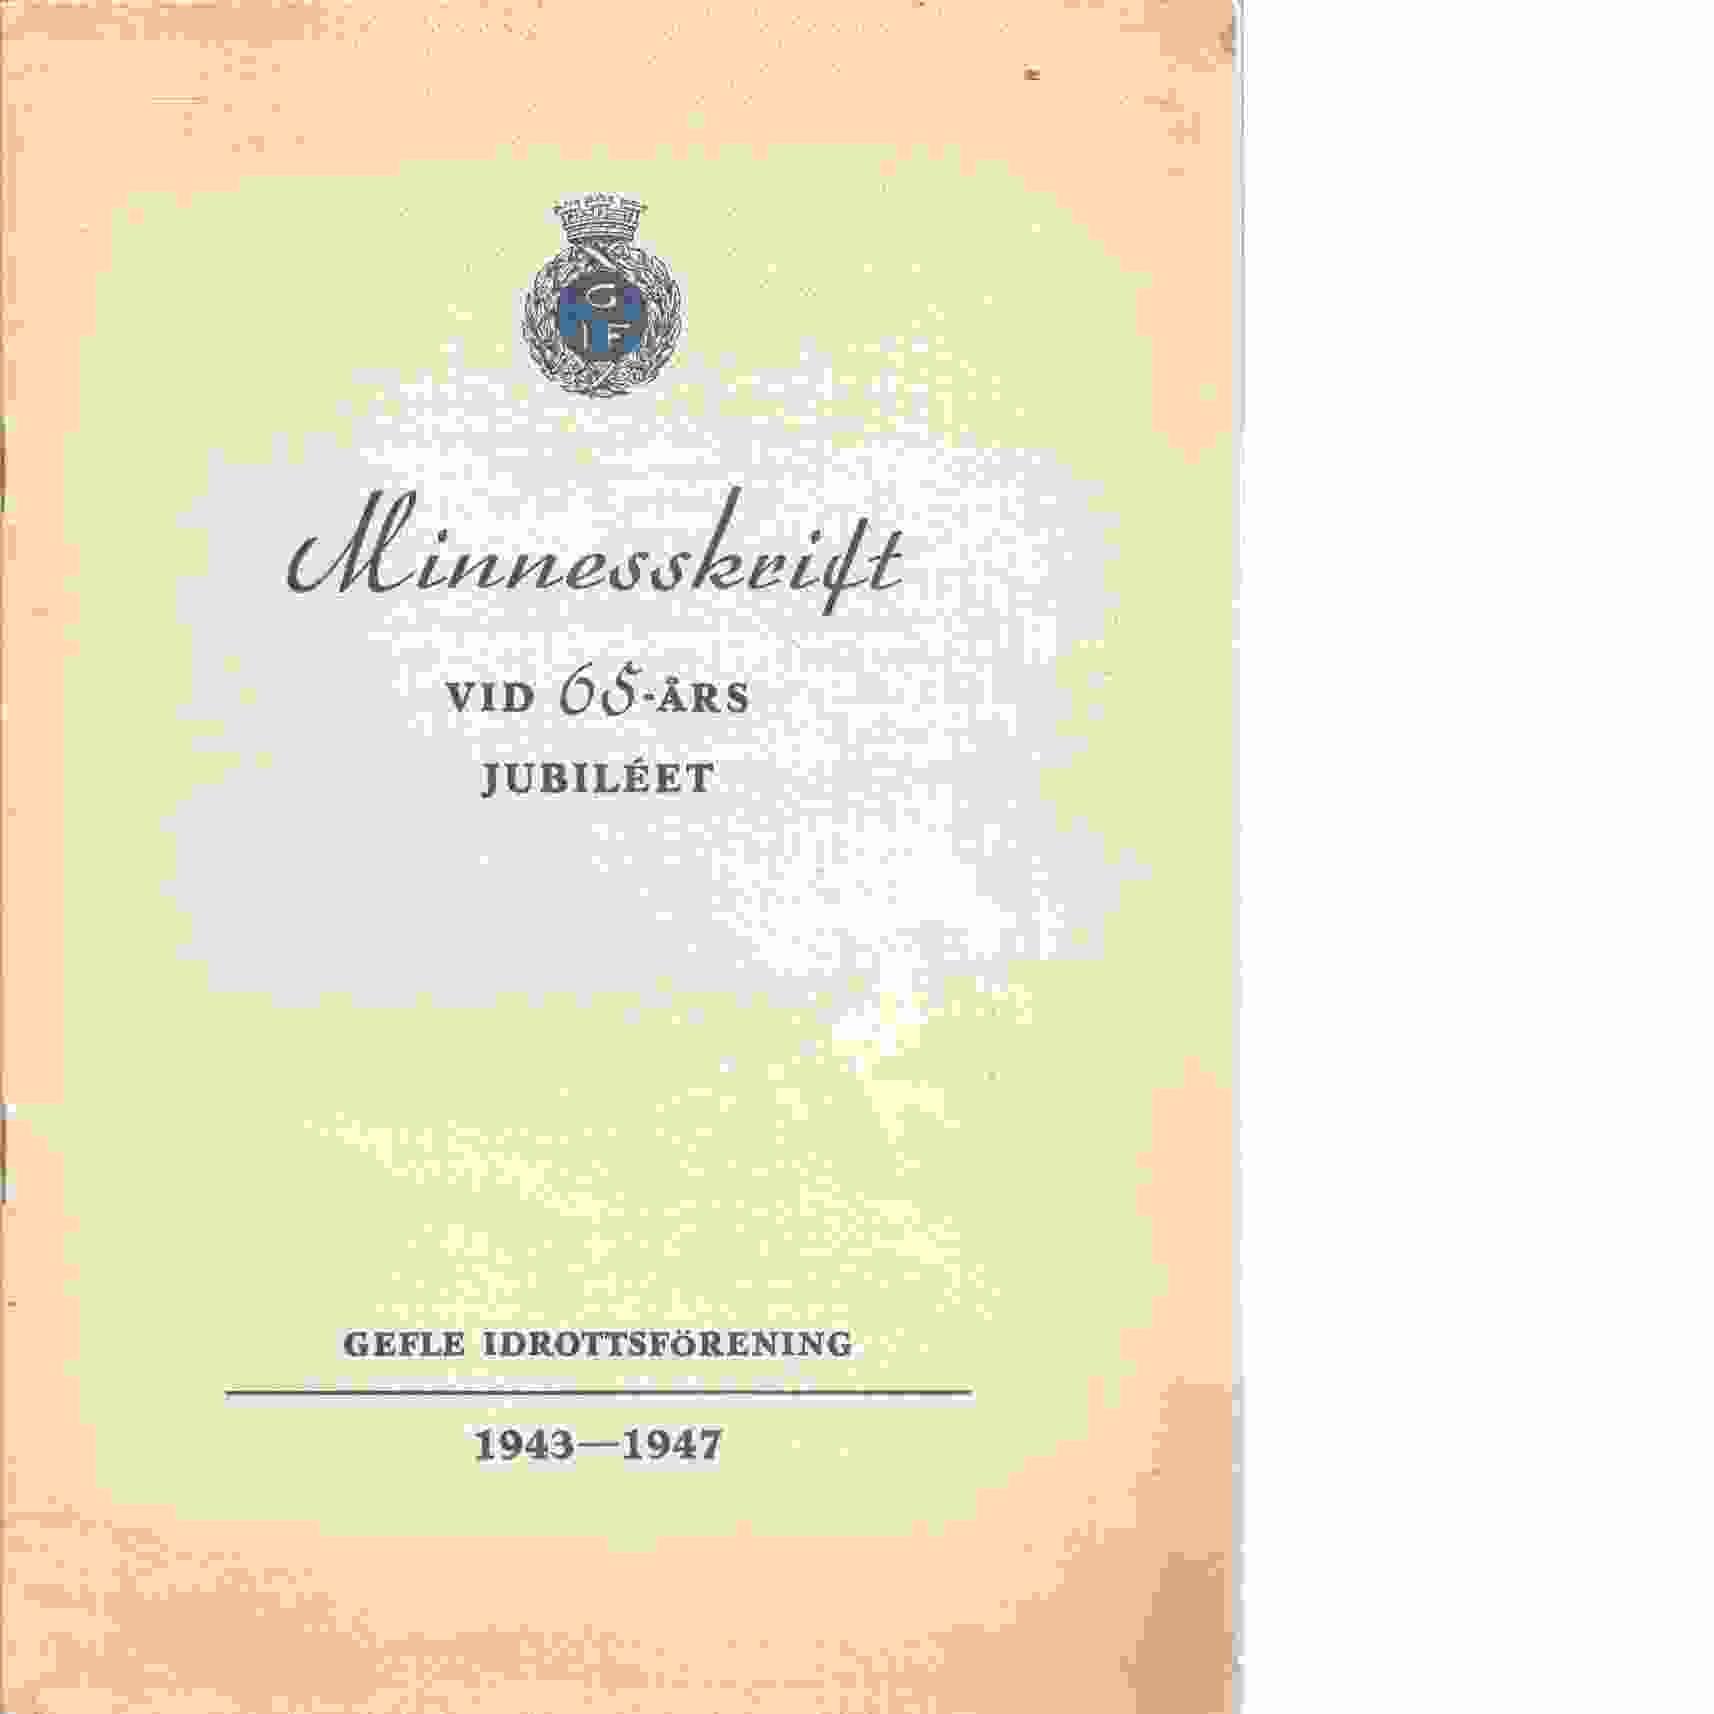 Gefle idrottsförening 1943-1947 : Minnesskrift vid 65-års jubiléet - Red Gävle : Arbetarbladet